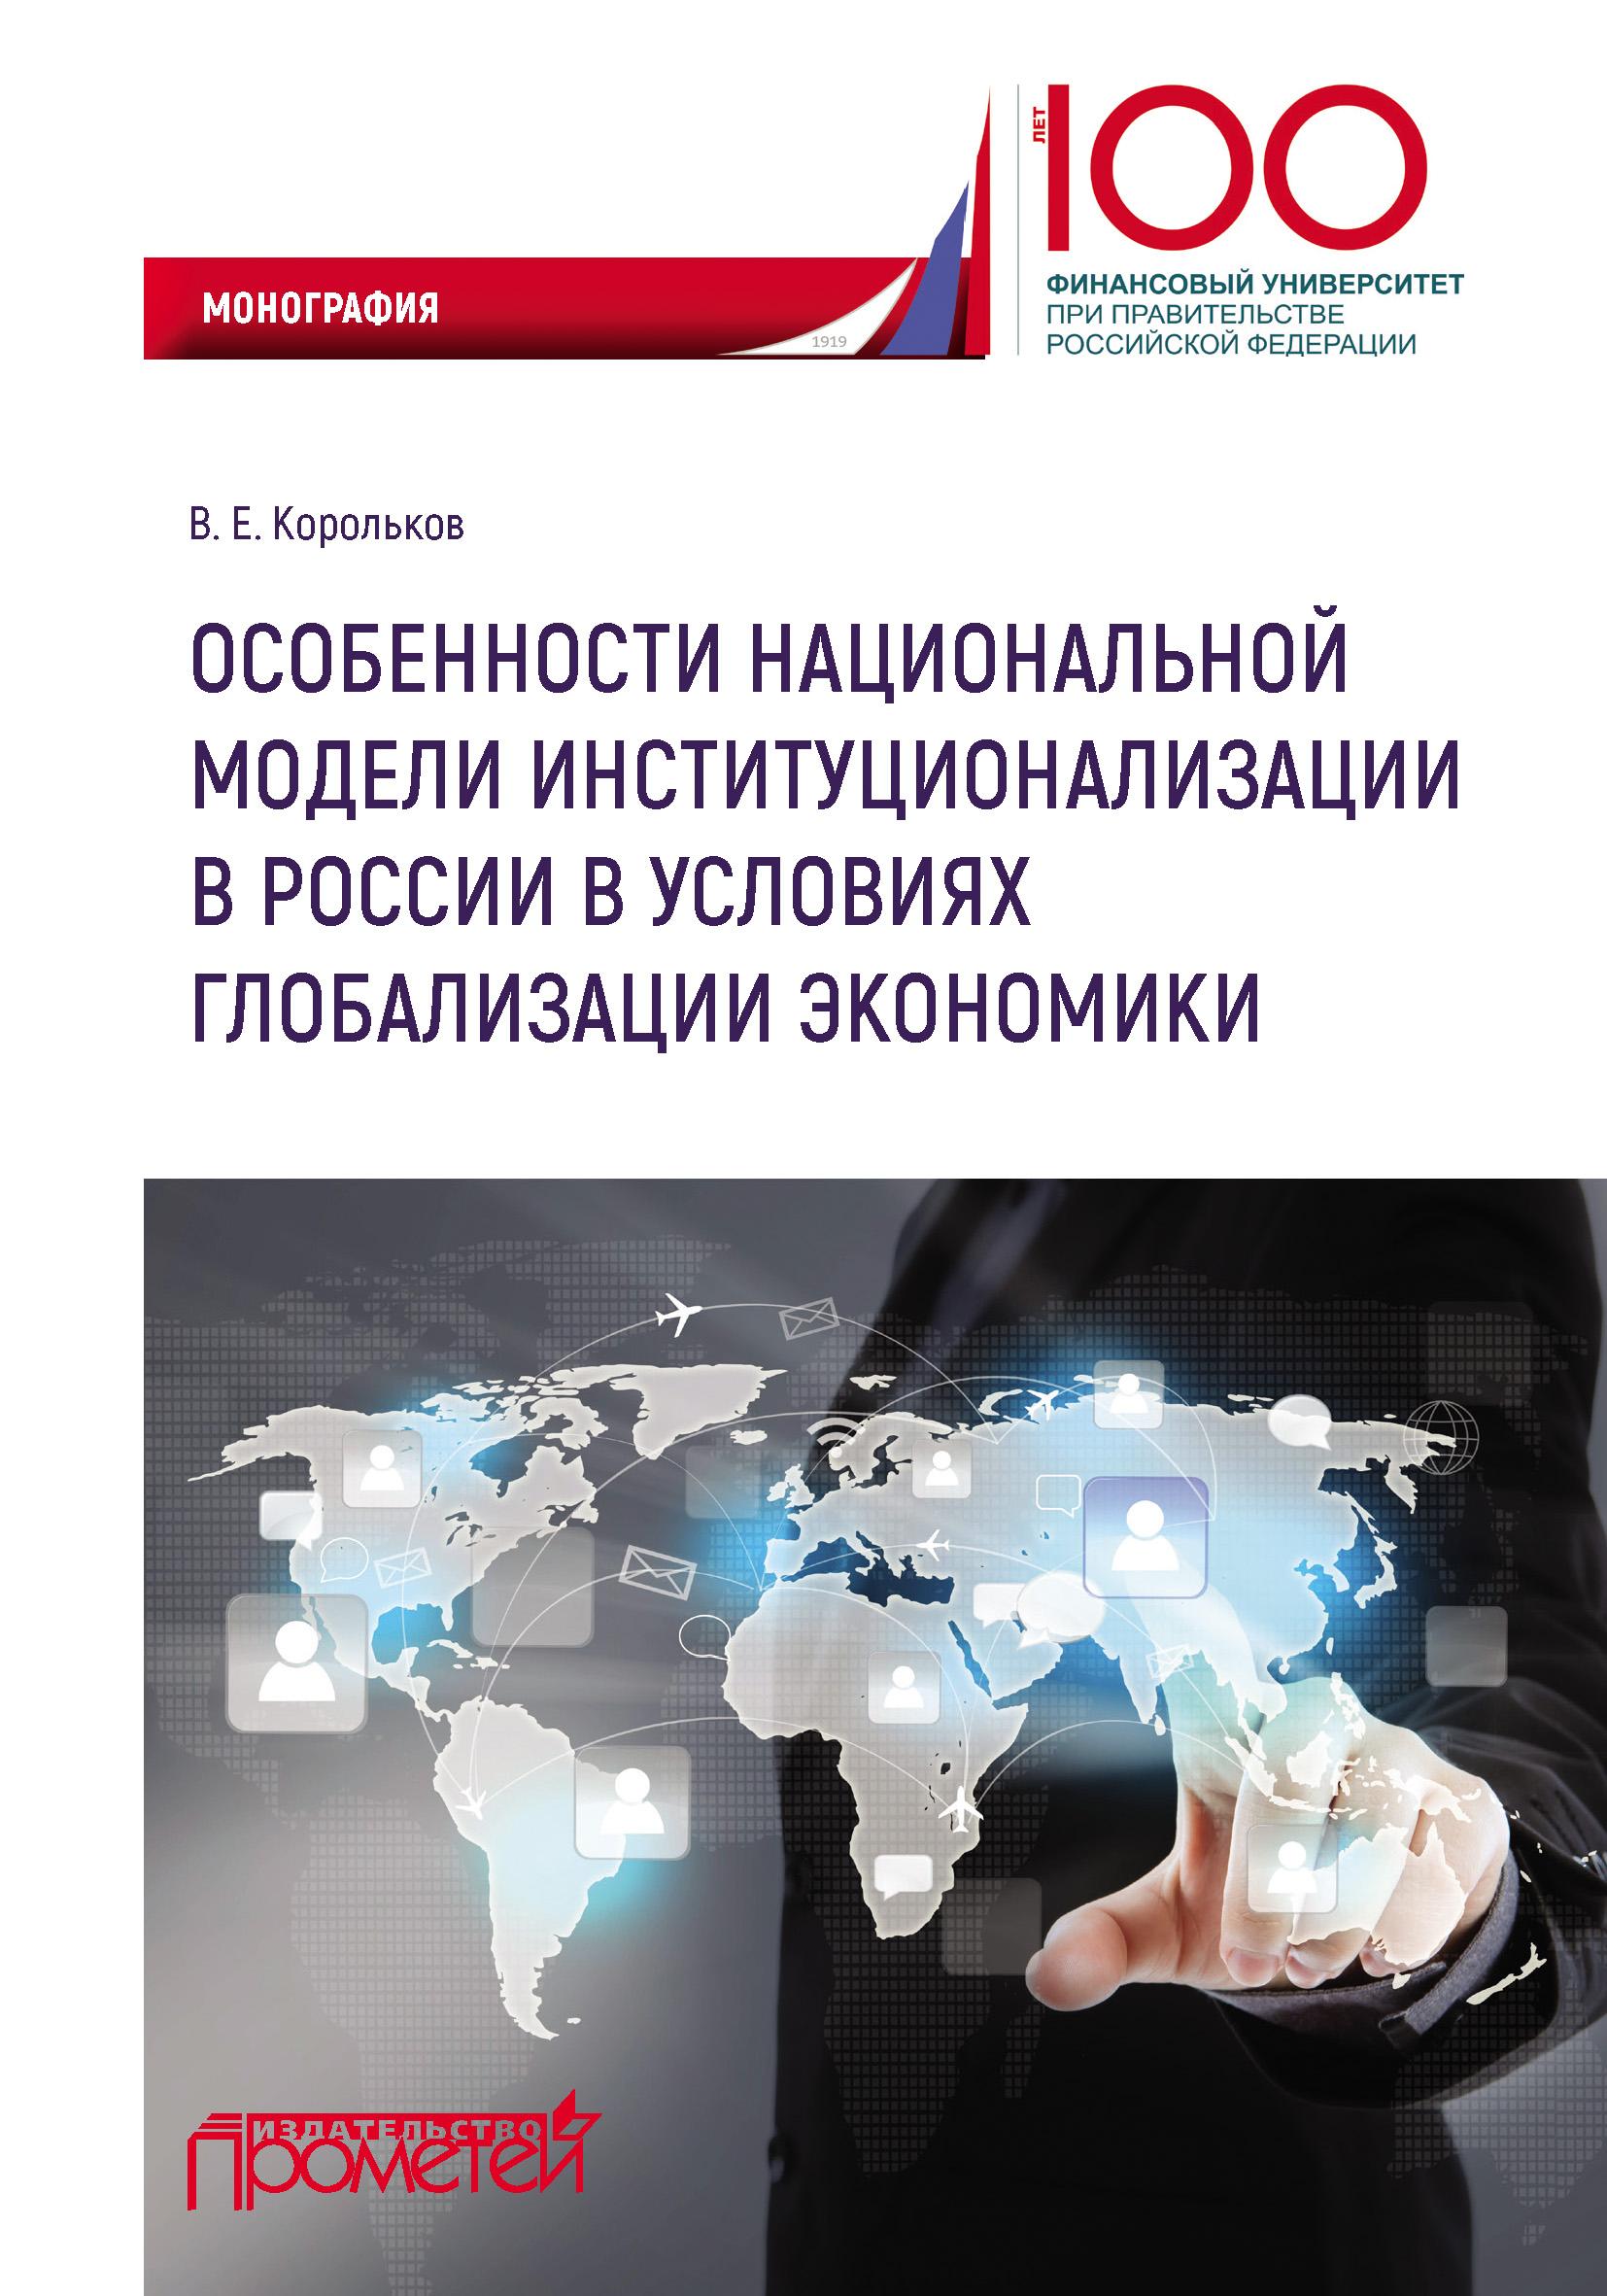 фото обложки издания Особенности национальной модели институционализации в России в условиях глобализации экономики